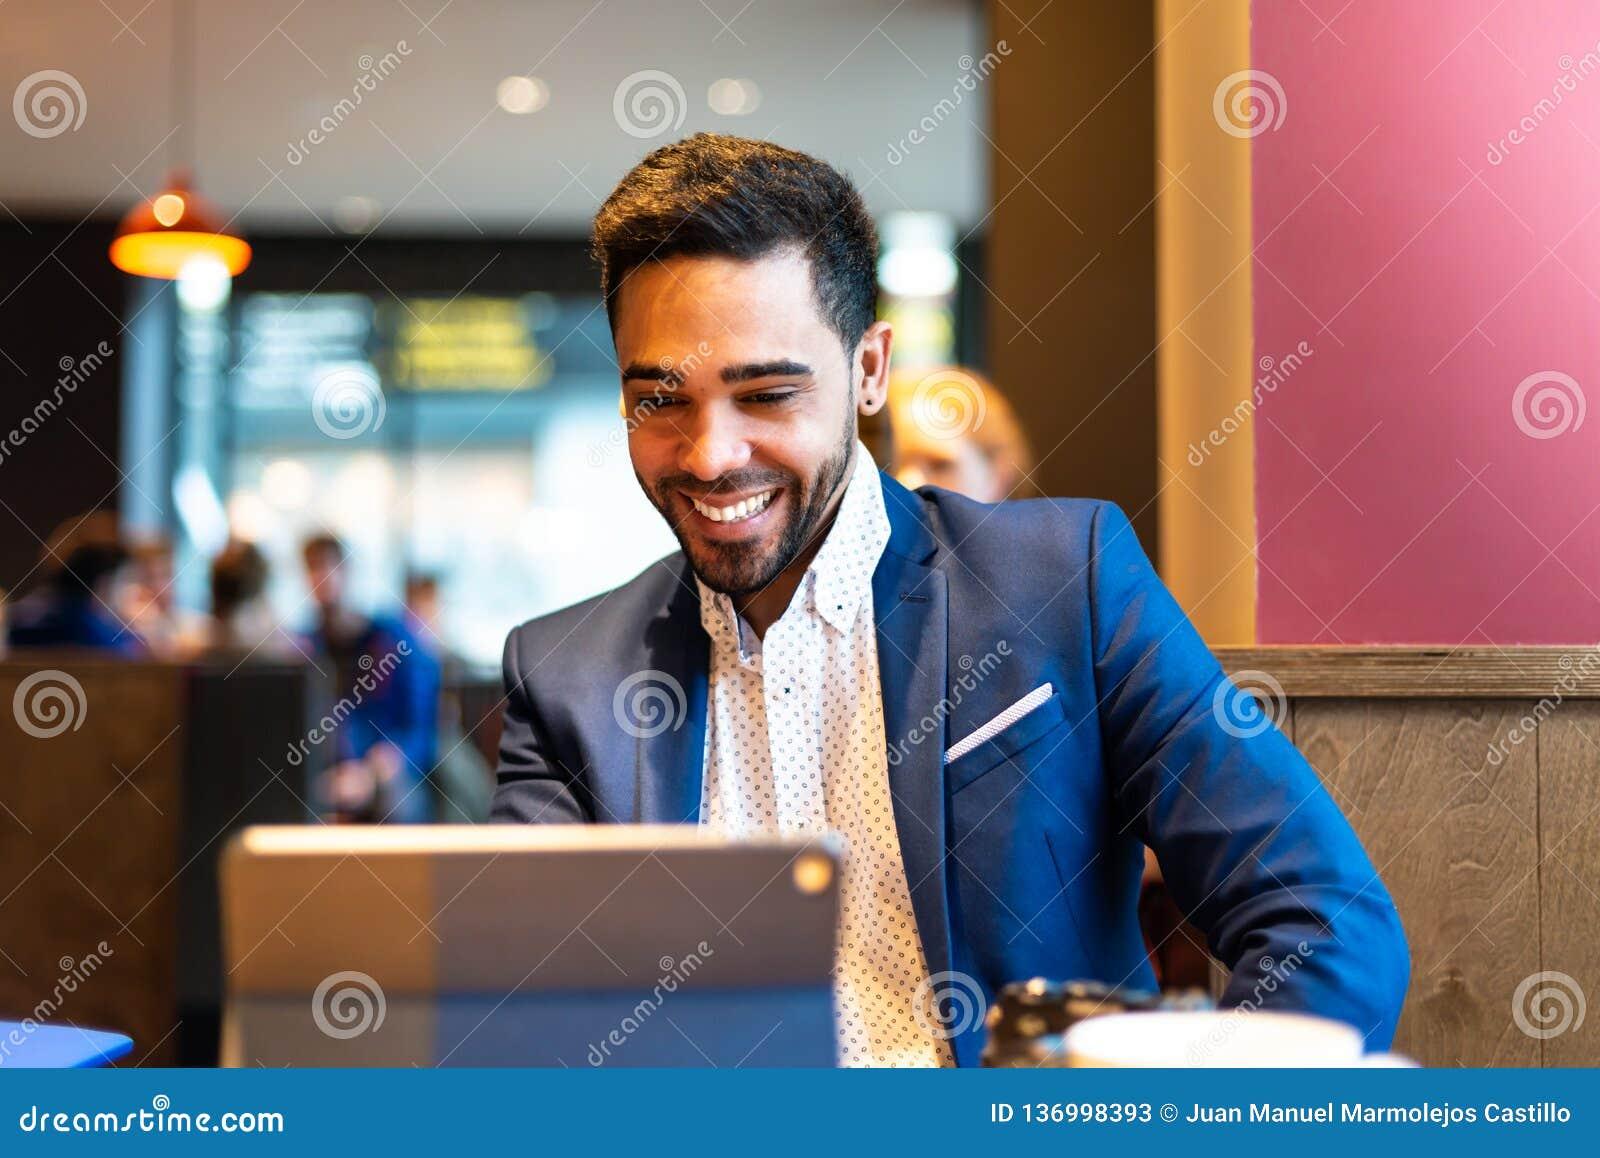 Красивый молодой человек на костюме используя ноутбук